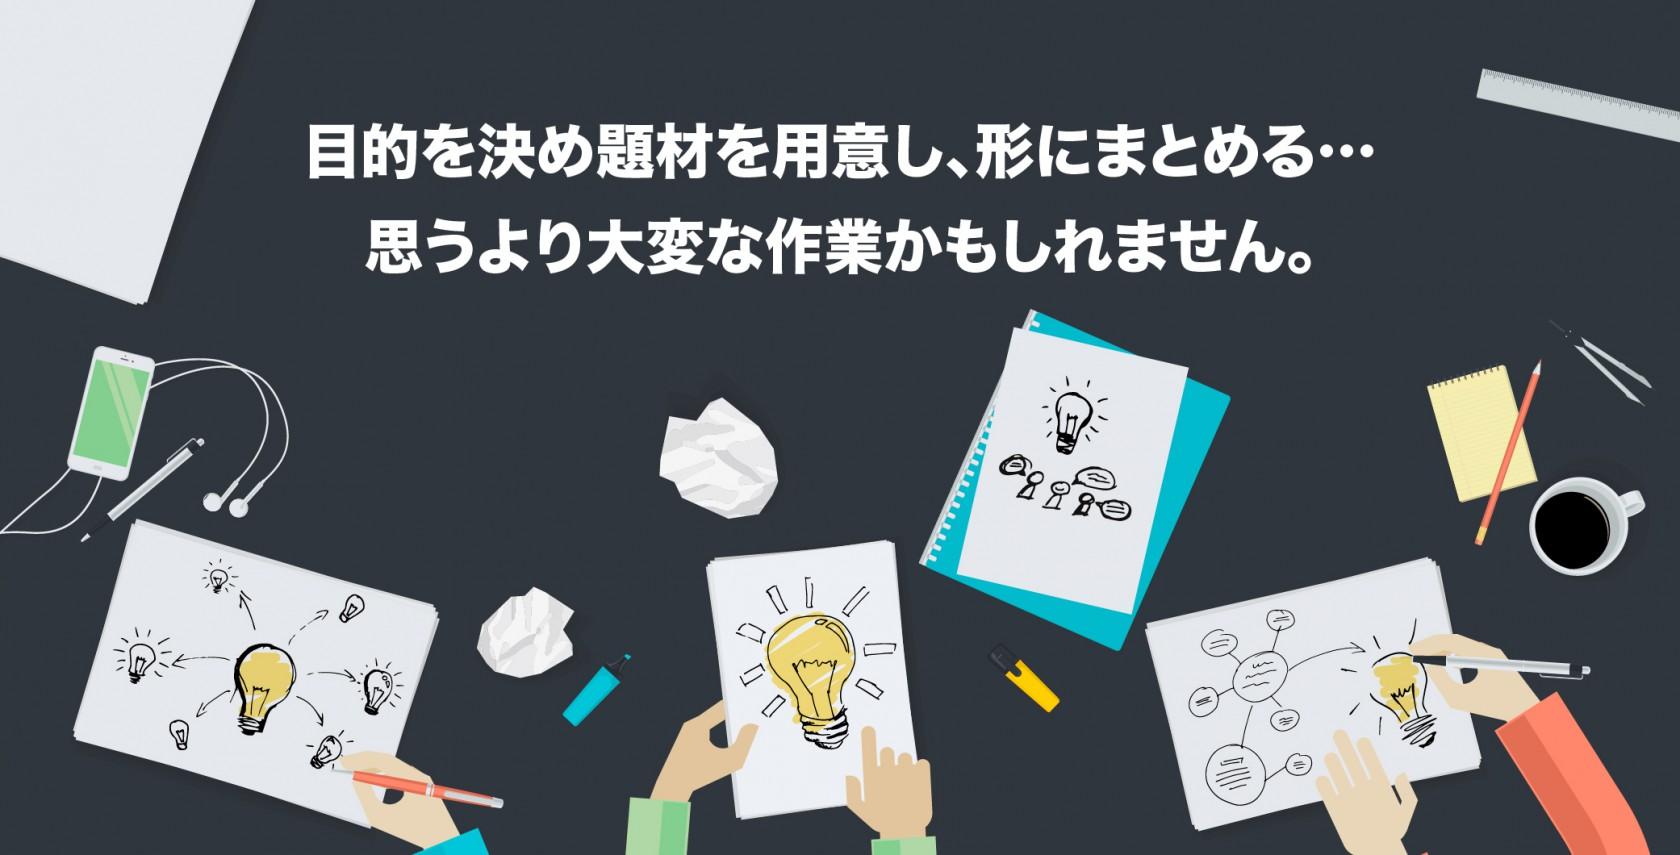 目的を決め題材を用意し、形にまとめる…思うより大変な作業かもしれません。